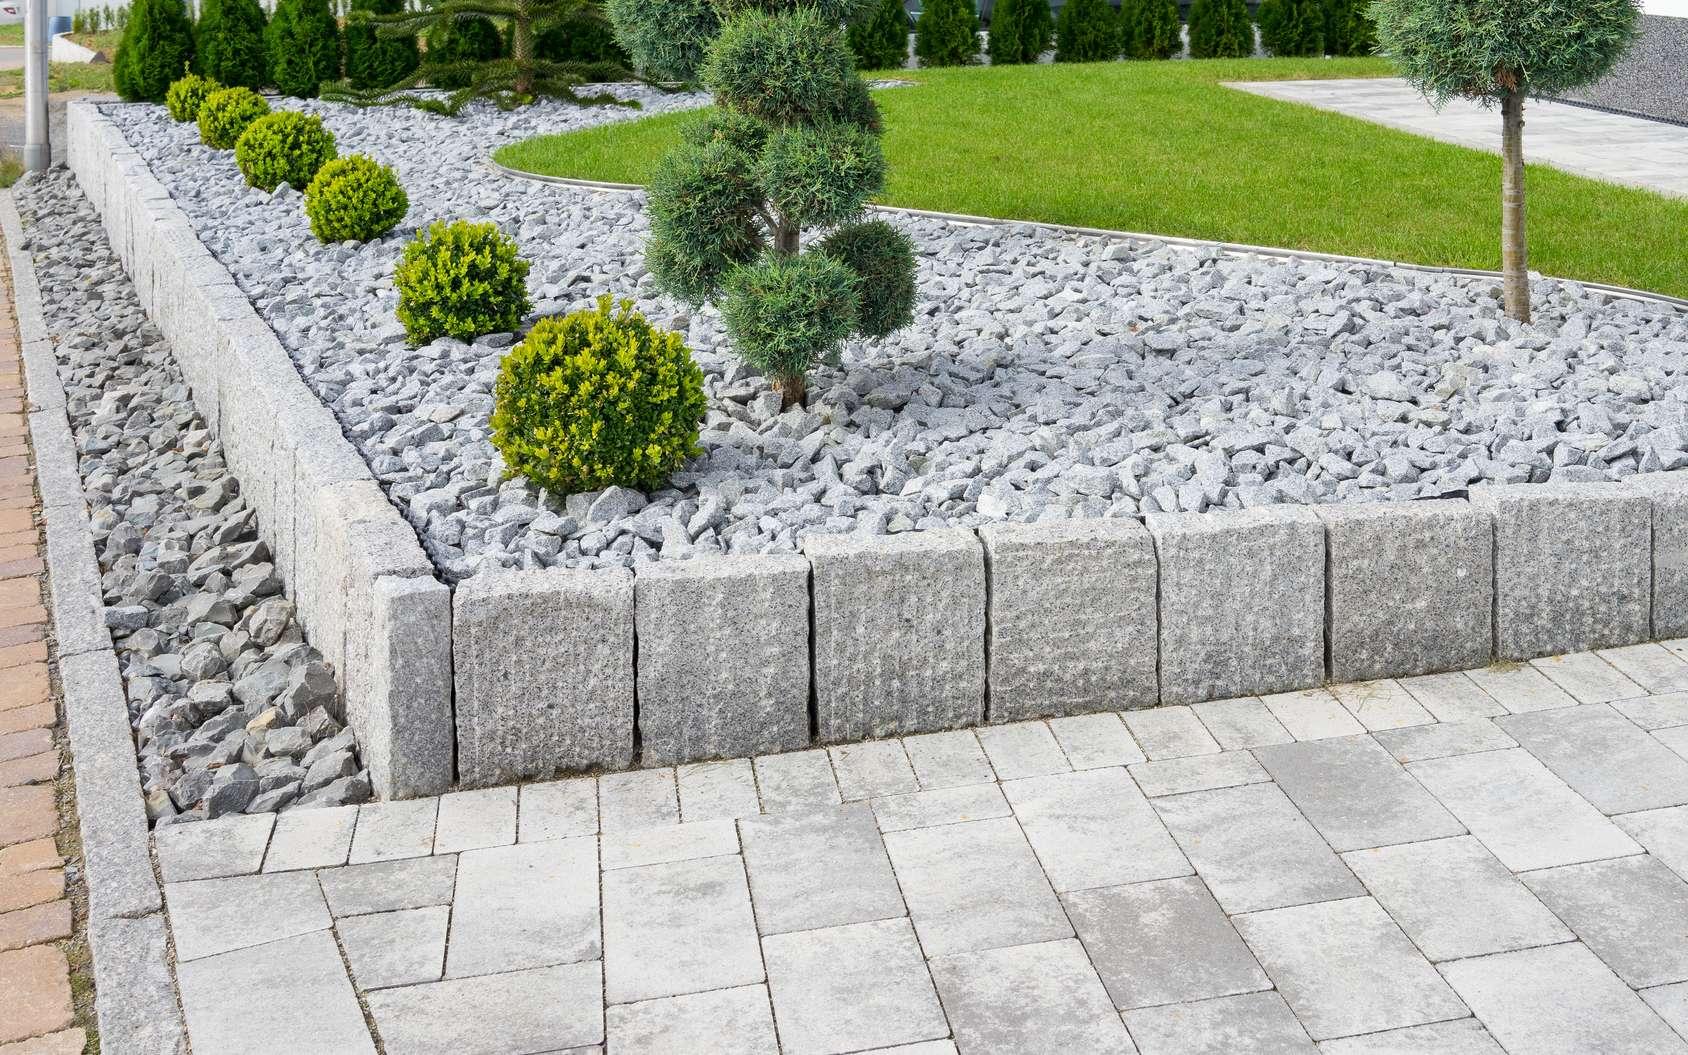 Jardin En Pente Comment Faire comment faire une rocaille dans un jardin ?